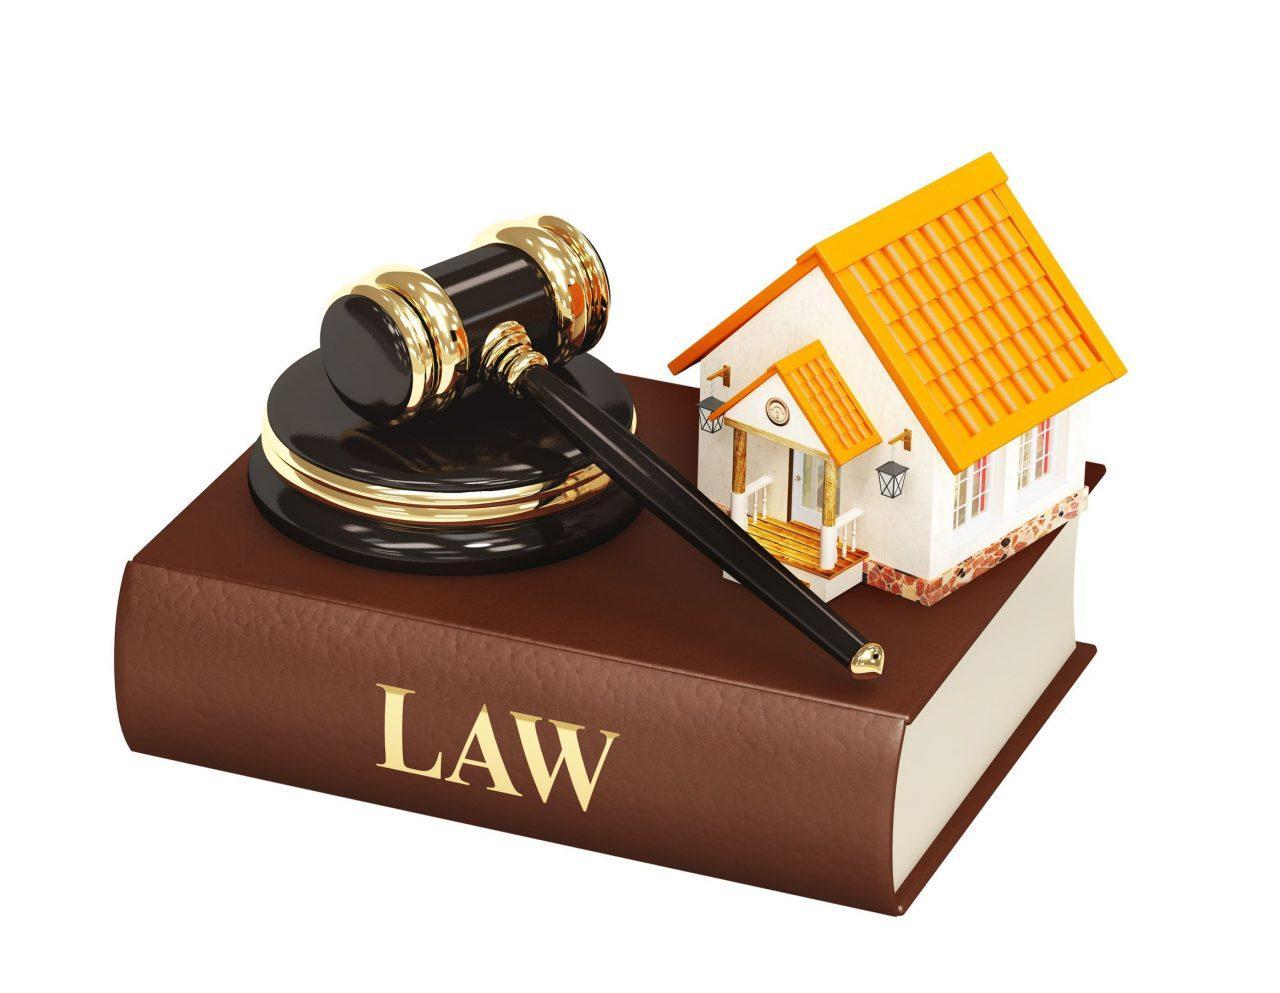 Her zaman olduğu gibi çok kaliteli bir not, farklı kaynaklardan yararlanılmış ve özenle hazırlanmış eşya hukuku ders notu. Hukuk Sebili aracılığı ile.